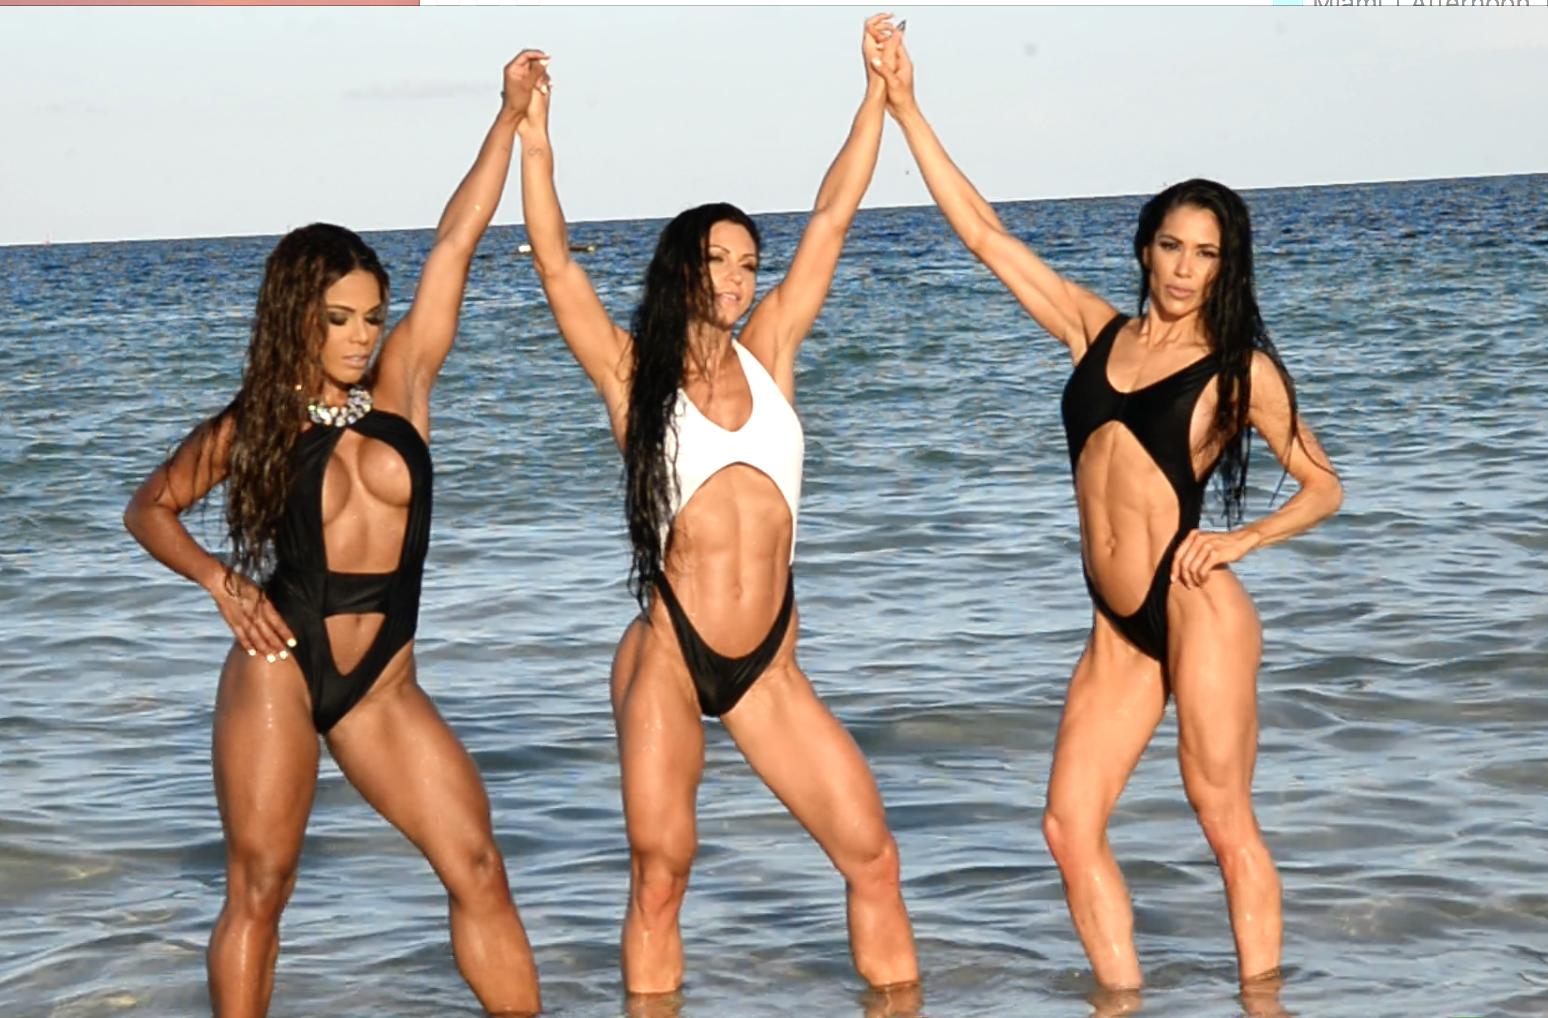 2017 J.M. Manion South Beach, Miami Shoot Video: IFBB Bikini Pro's Anita Herbert, Yarishna Ayala, Jen Ronzitti